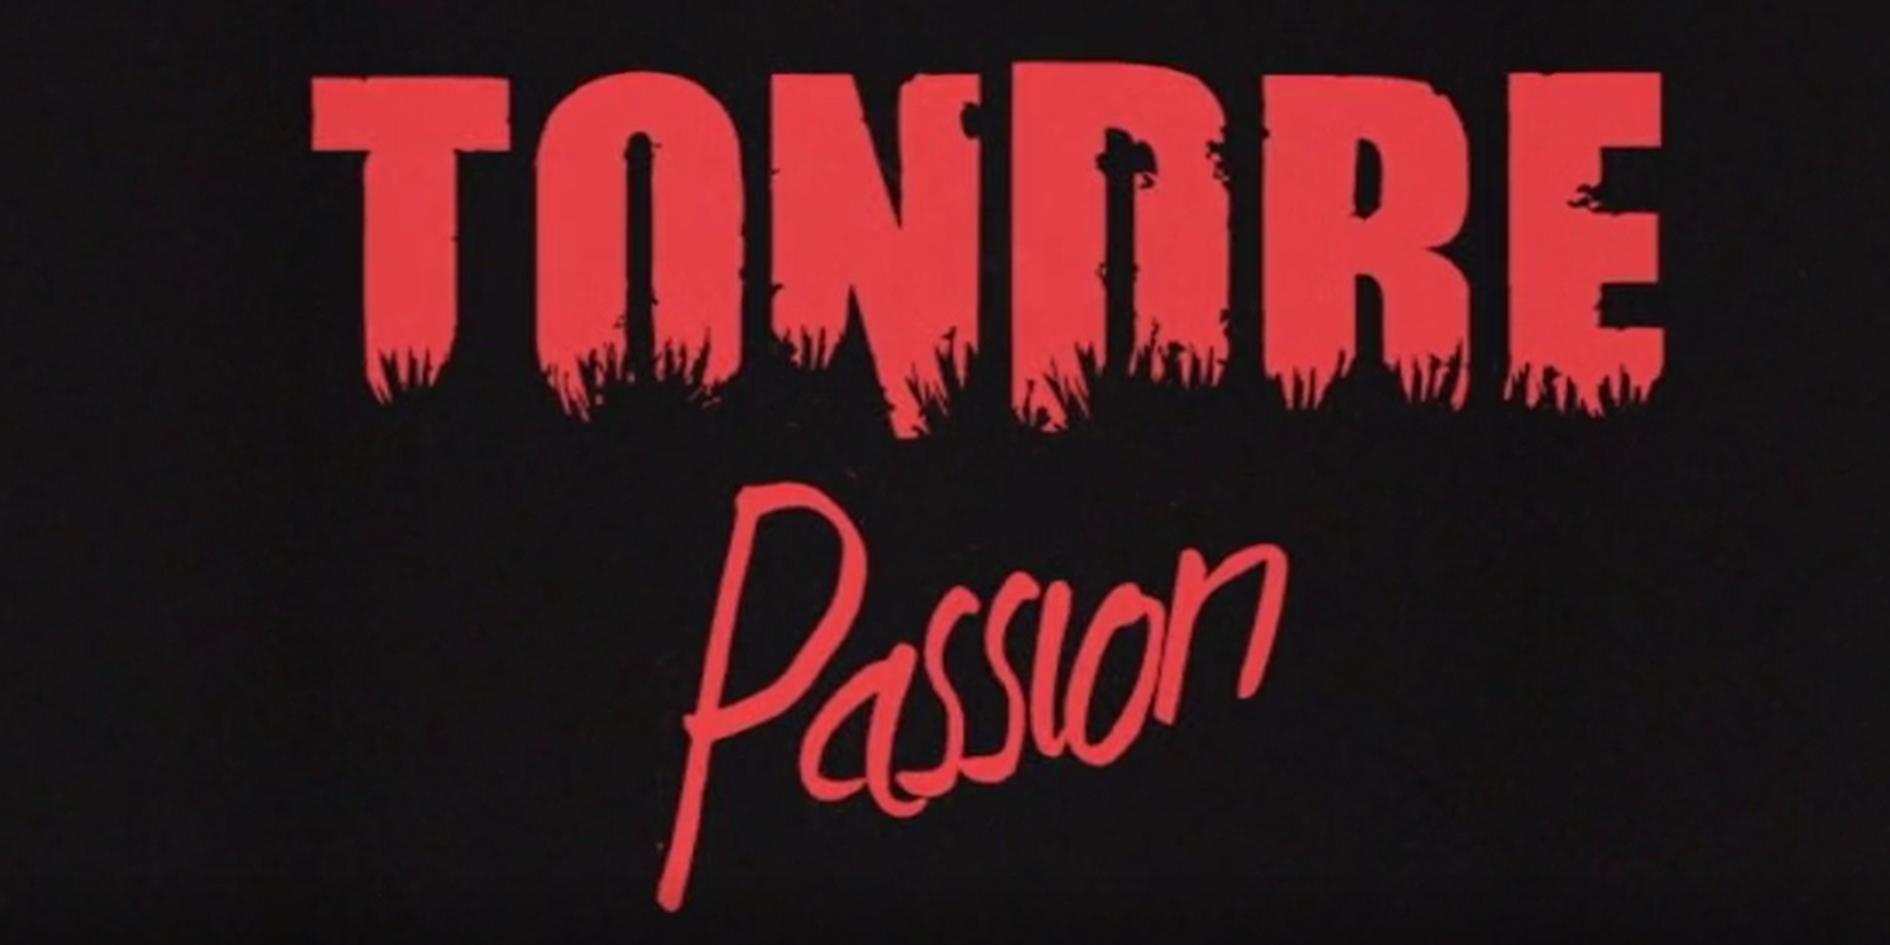 Affiche court-métrage Tondre Passion Cinécréatis